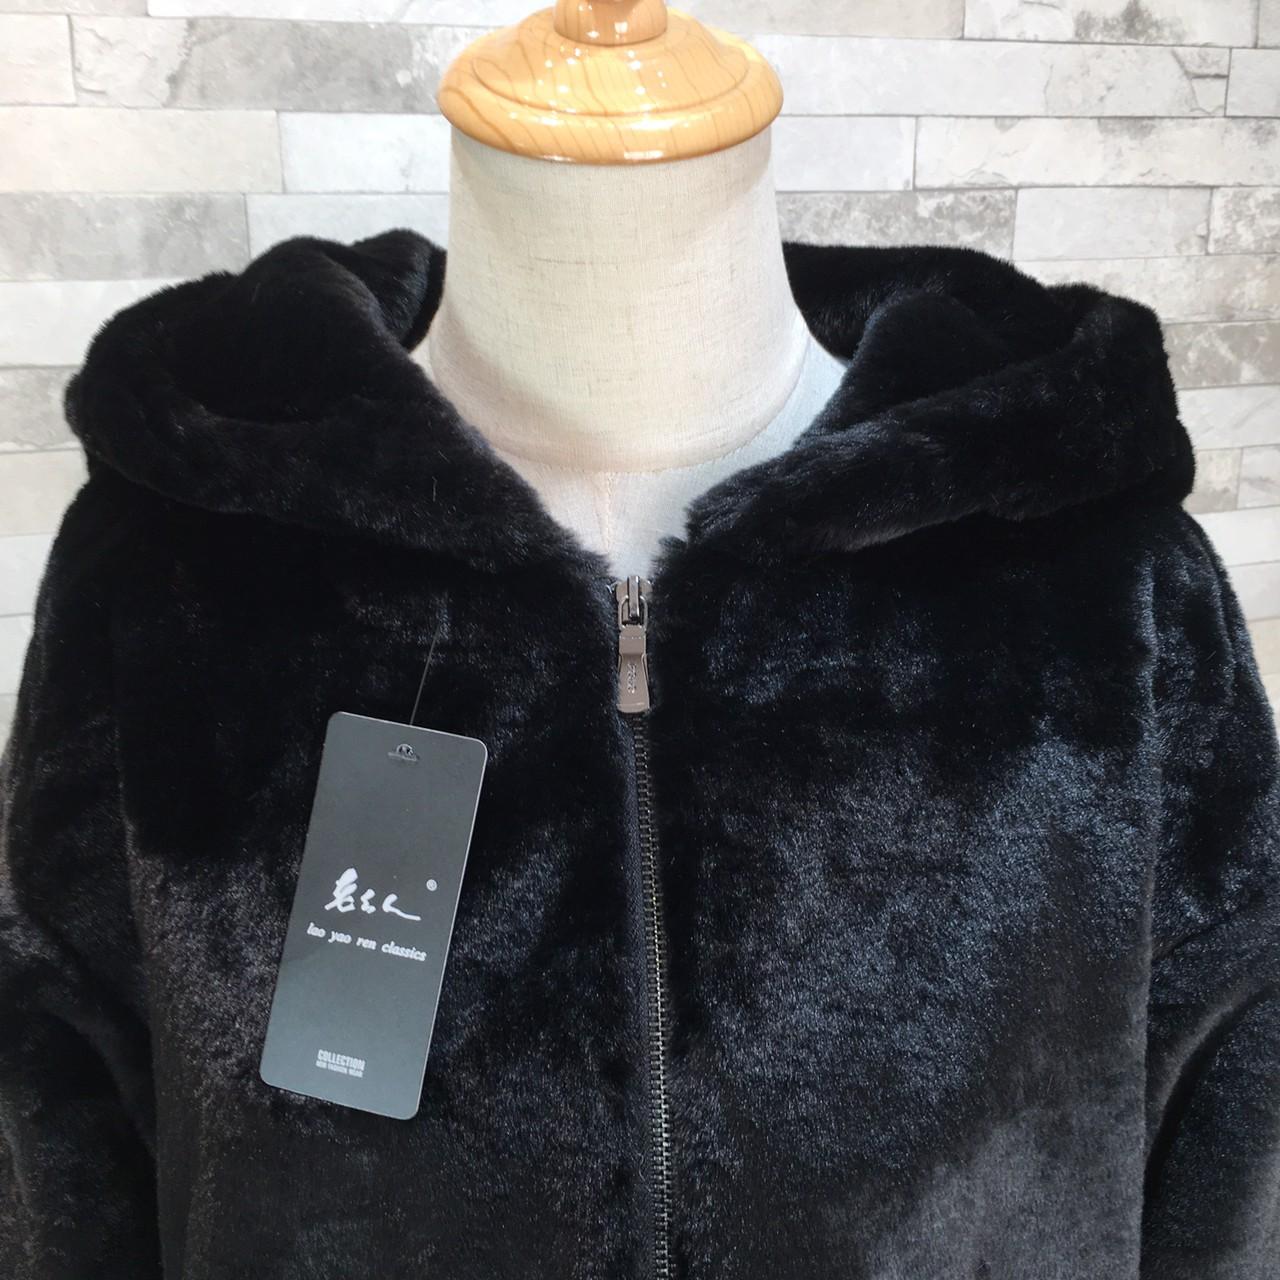 【即納】韓国 ファッション アウター ムートン ファーコート 秋 冬 カジュアル SPTXC599  もこもこ ふわふわ エコファー パーカー オーバーサイズ フ オルチャン シンプル 定番 セレカジの写真15枚目